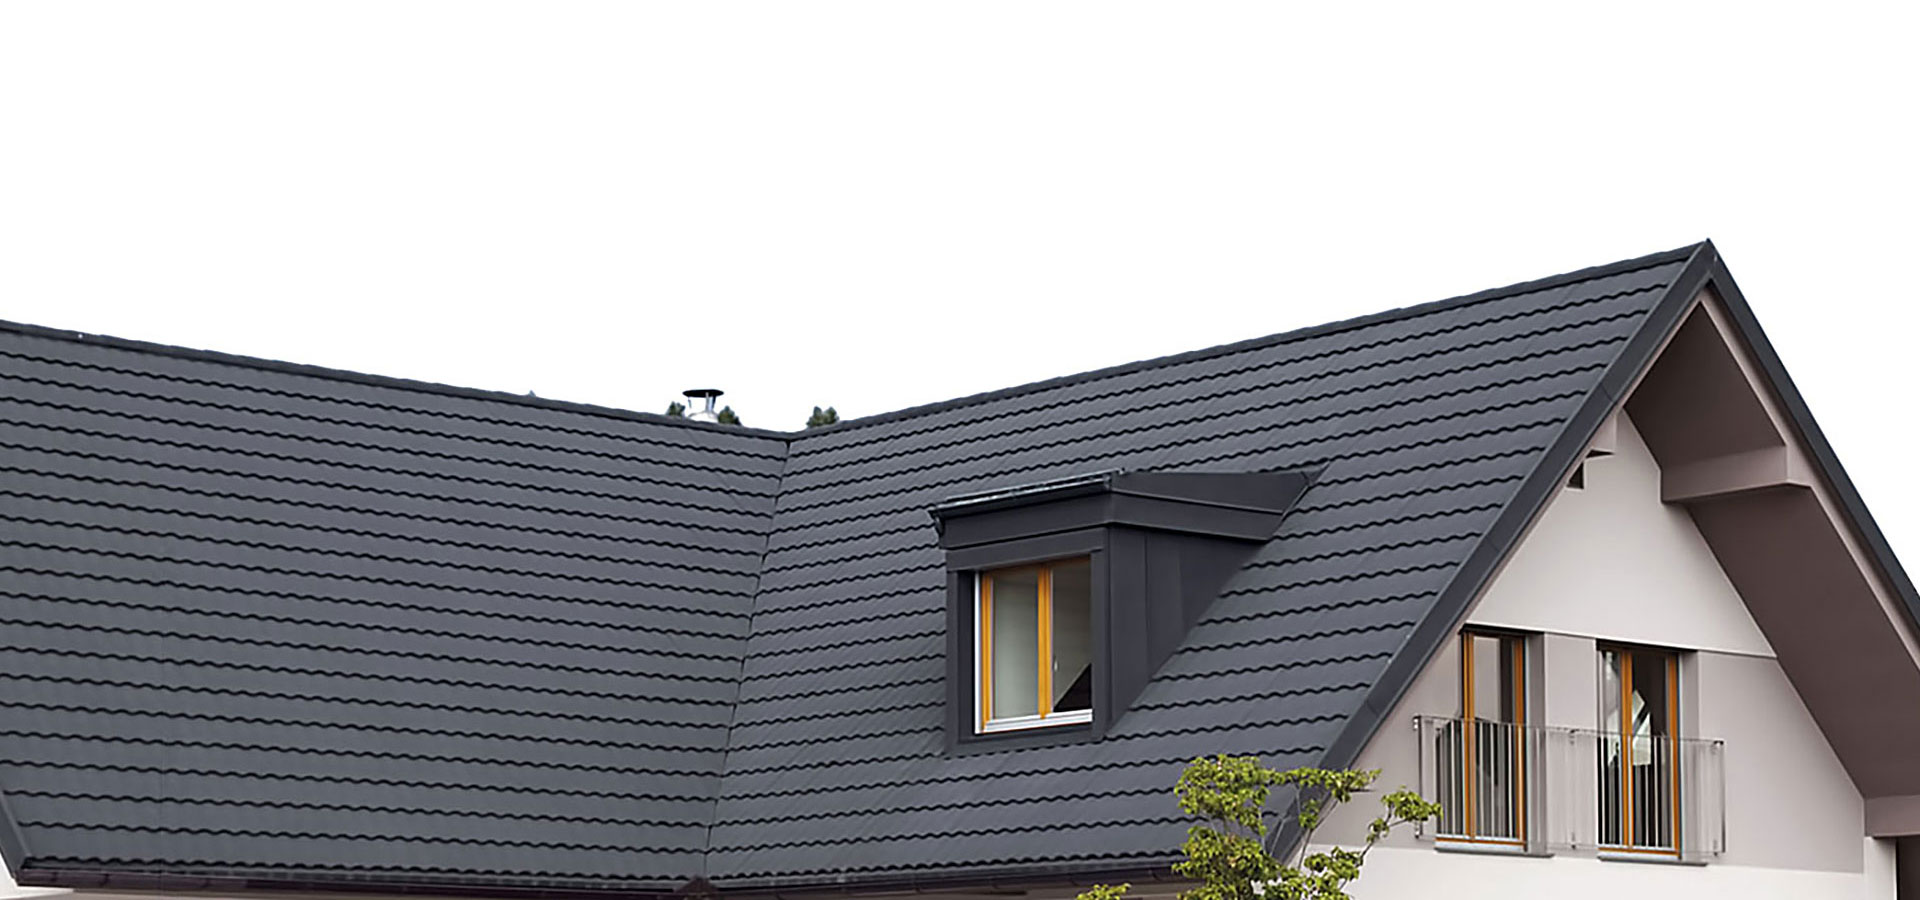 Čas za novo streho?